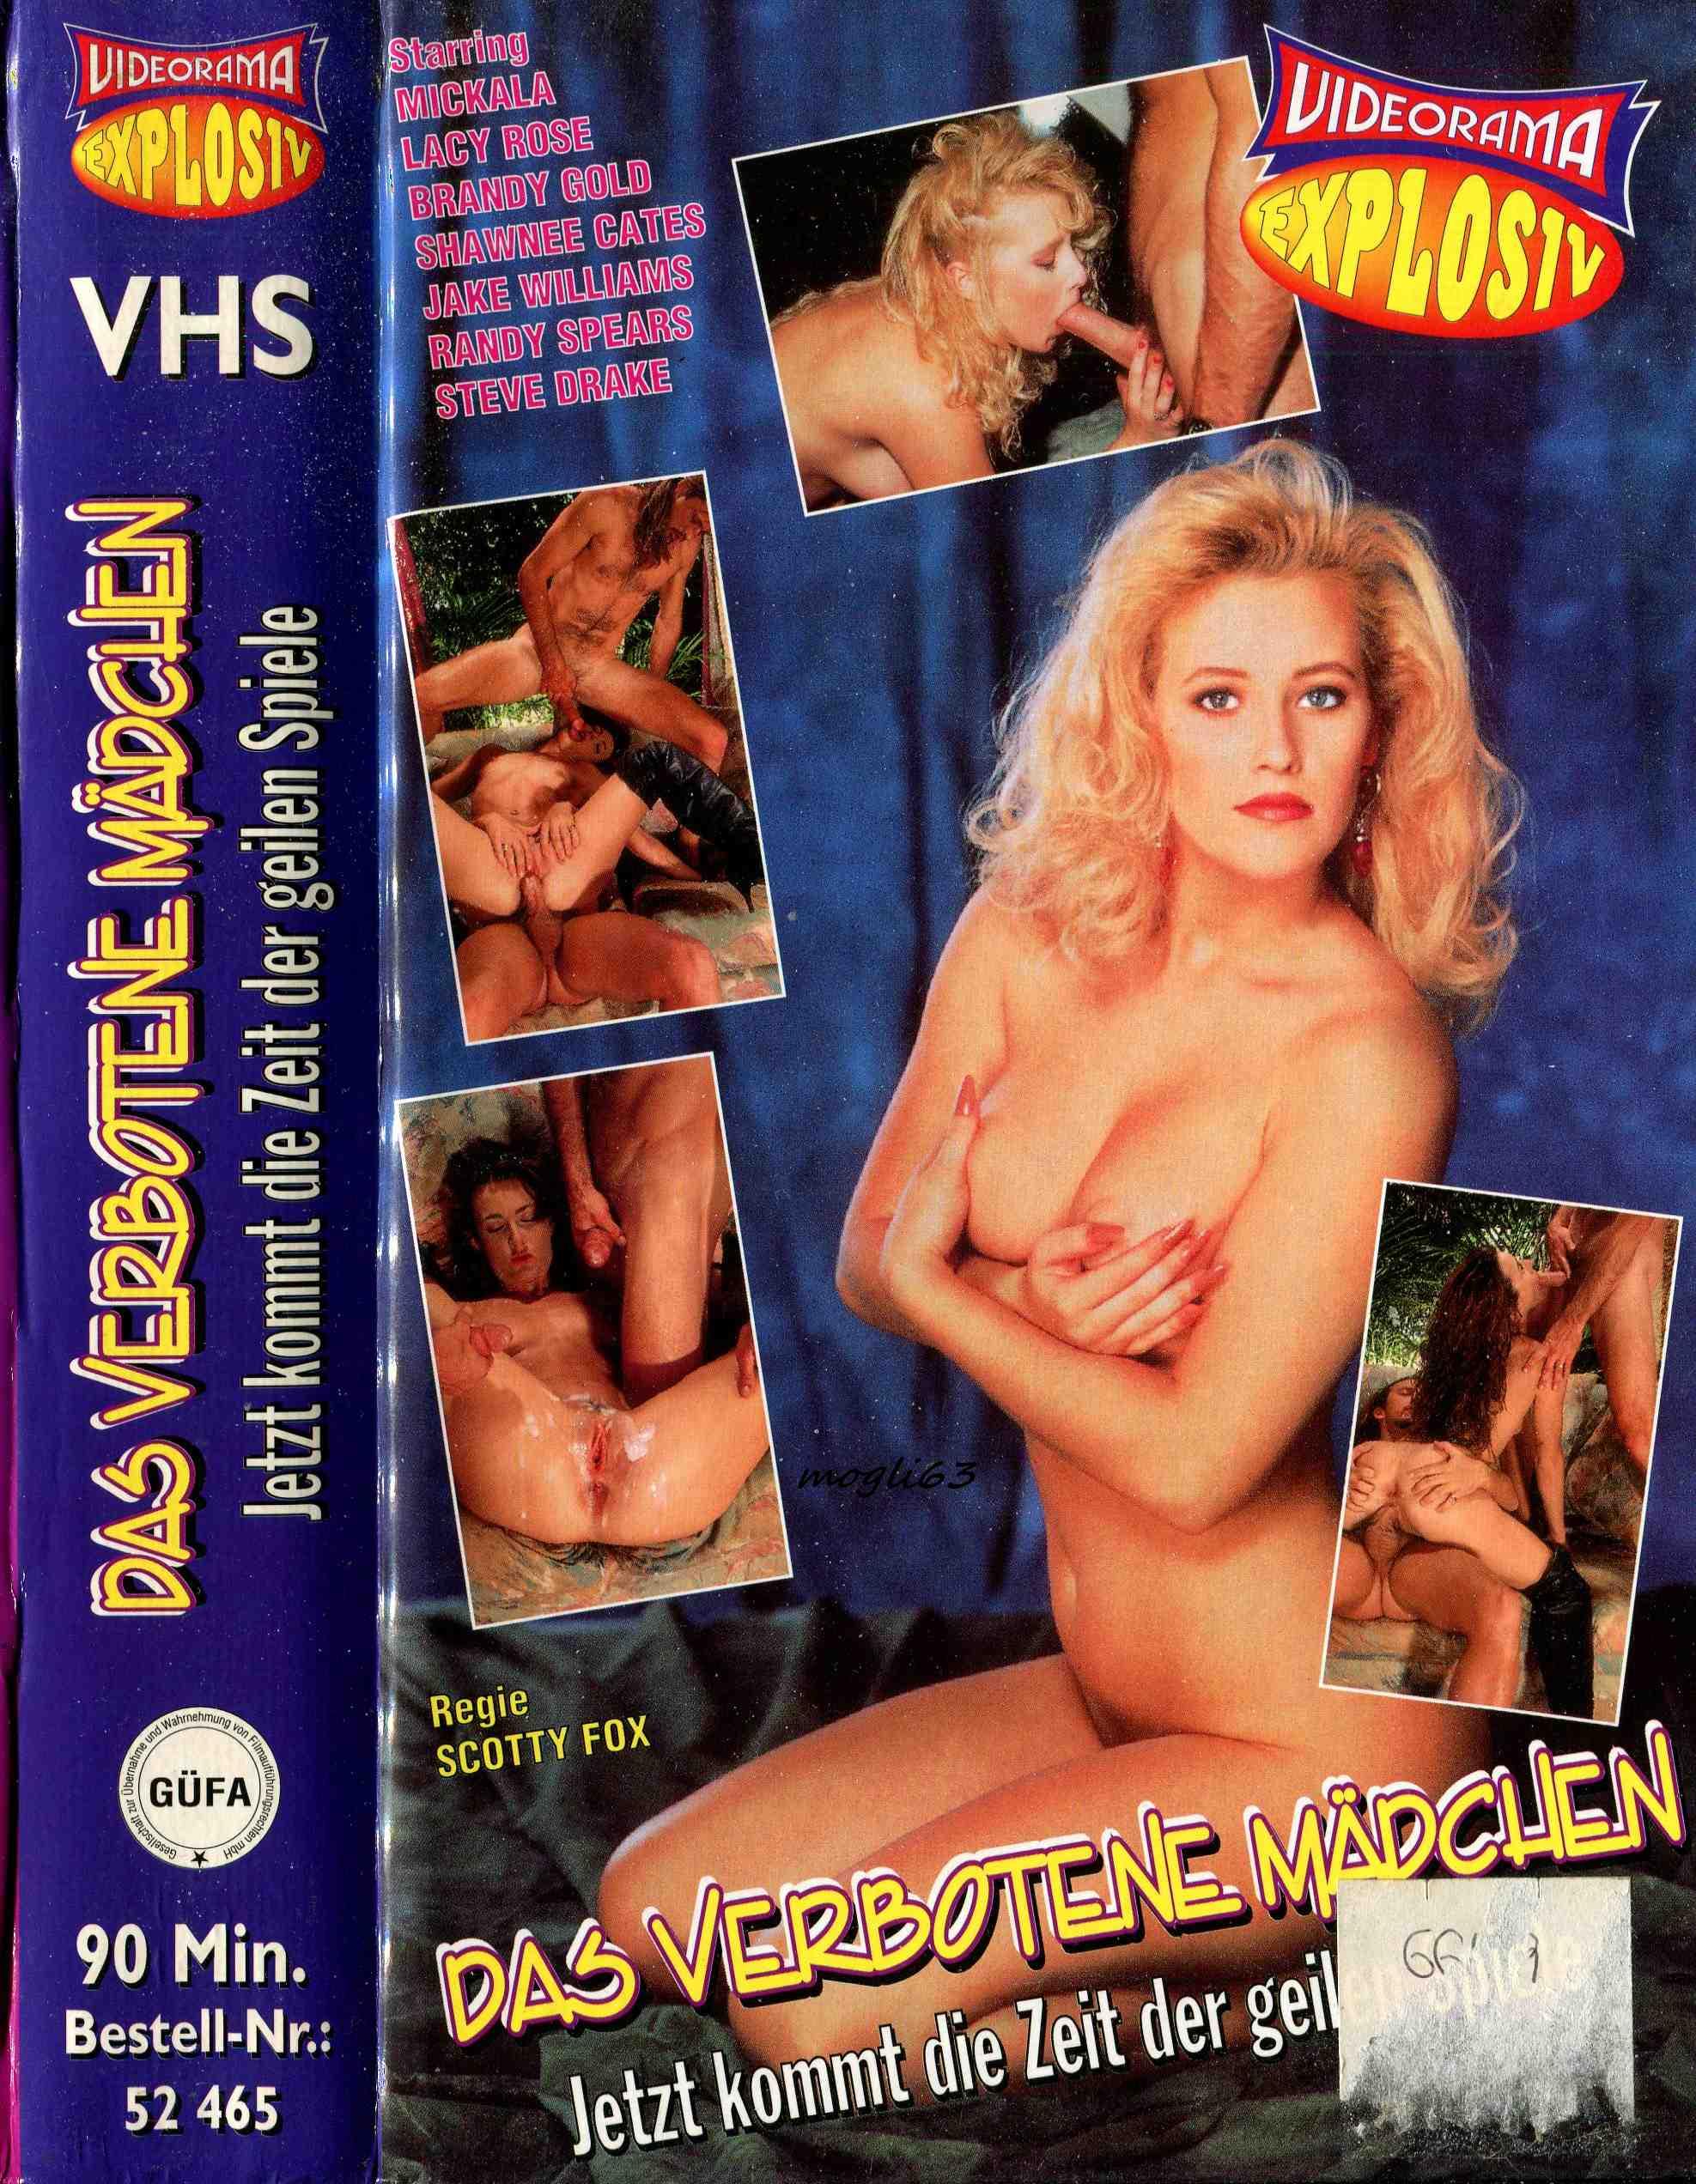 Videorama – Das verbotene Mädchen (Rare) (1992) (Deutsche) [Download]